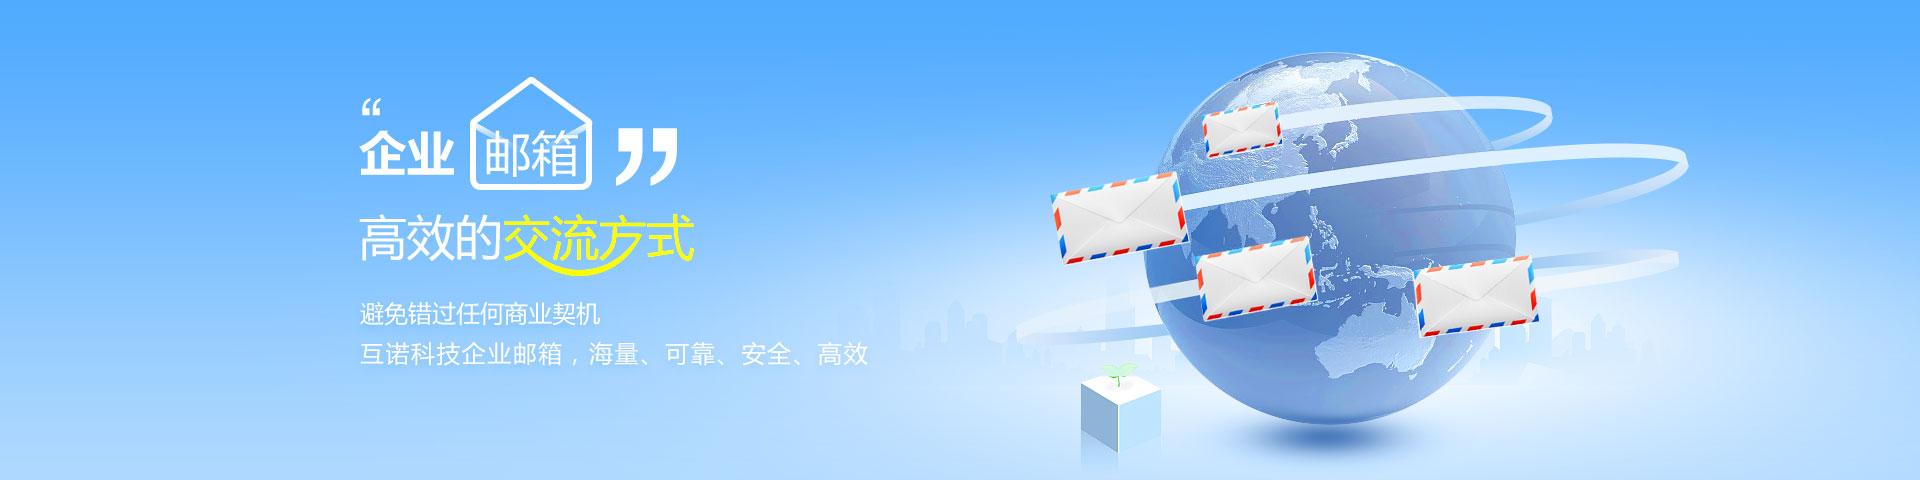 企业邮箱 - 广州网站建设|深圳网站建设|网站制作|--.